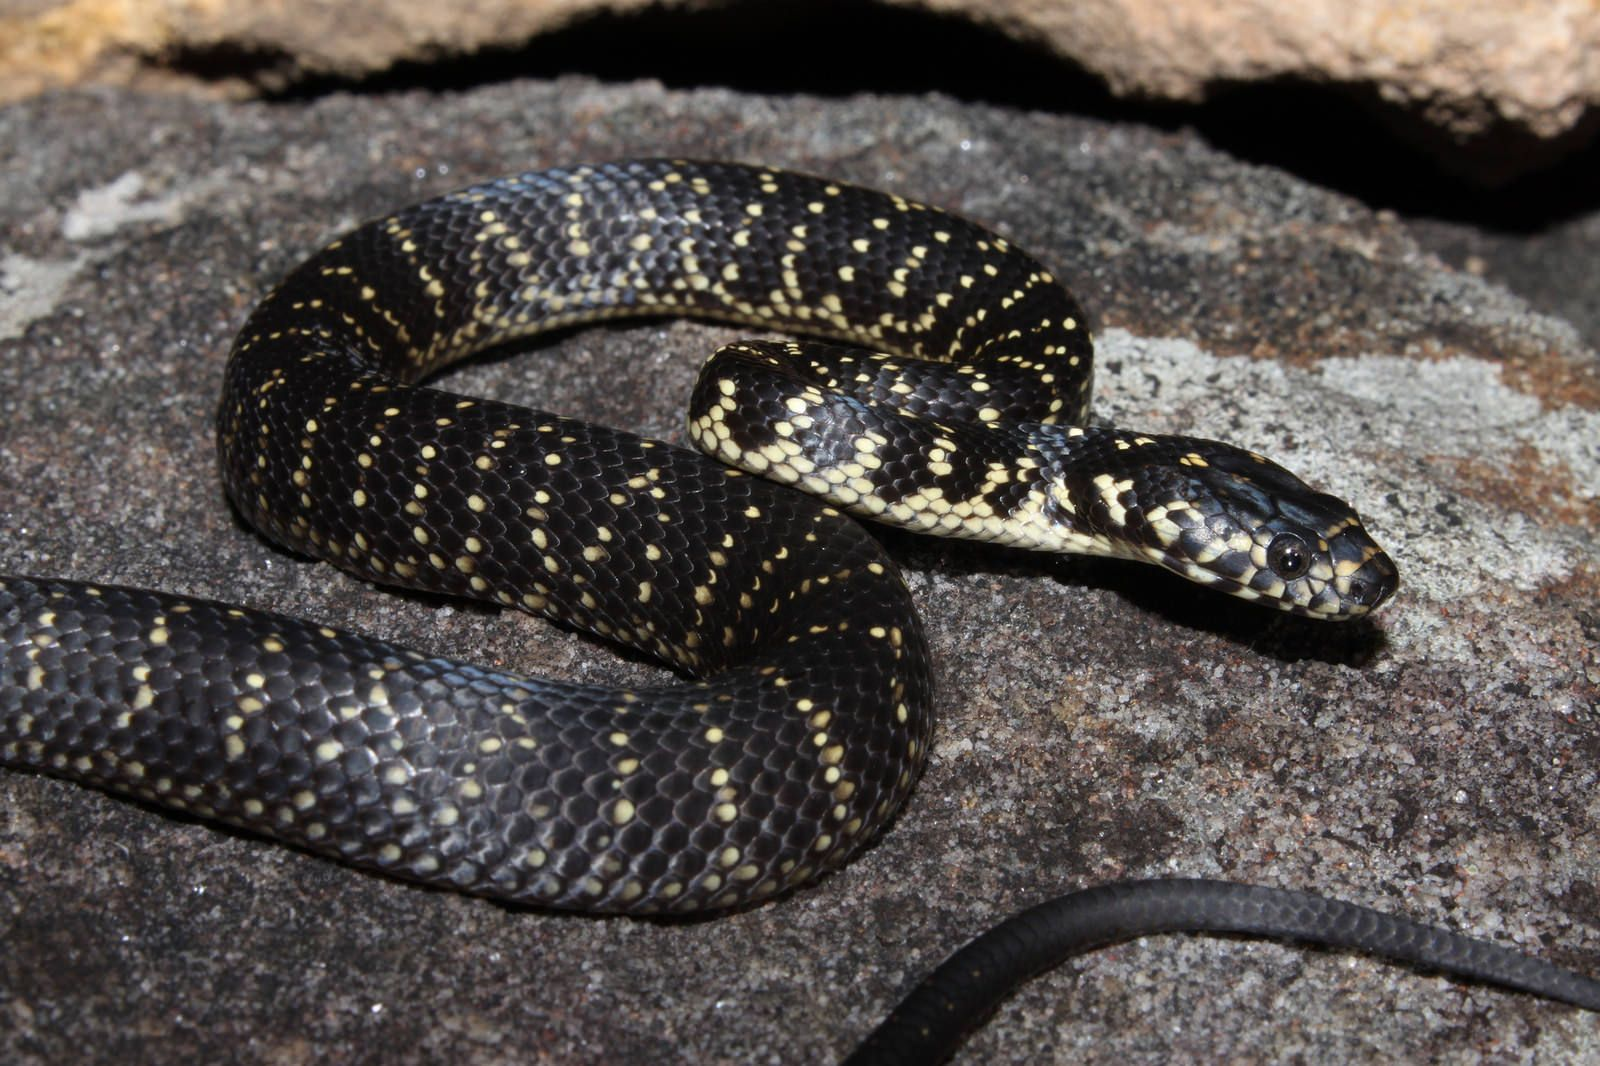 Broad Headed Snake | by Jackson Bishop